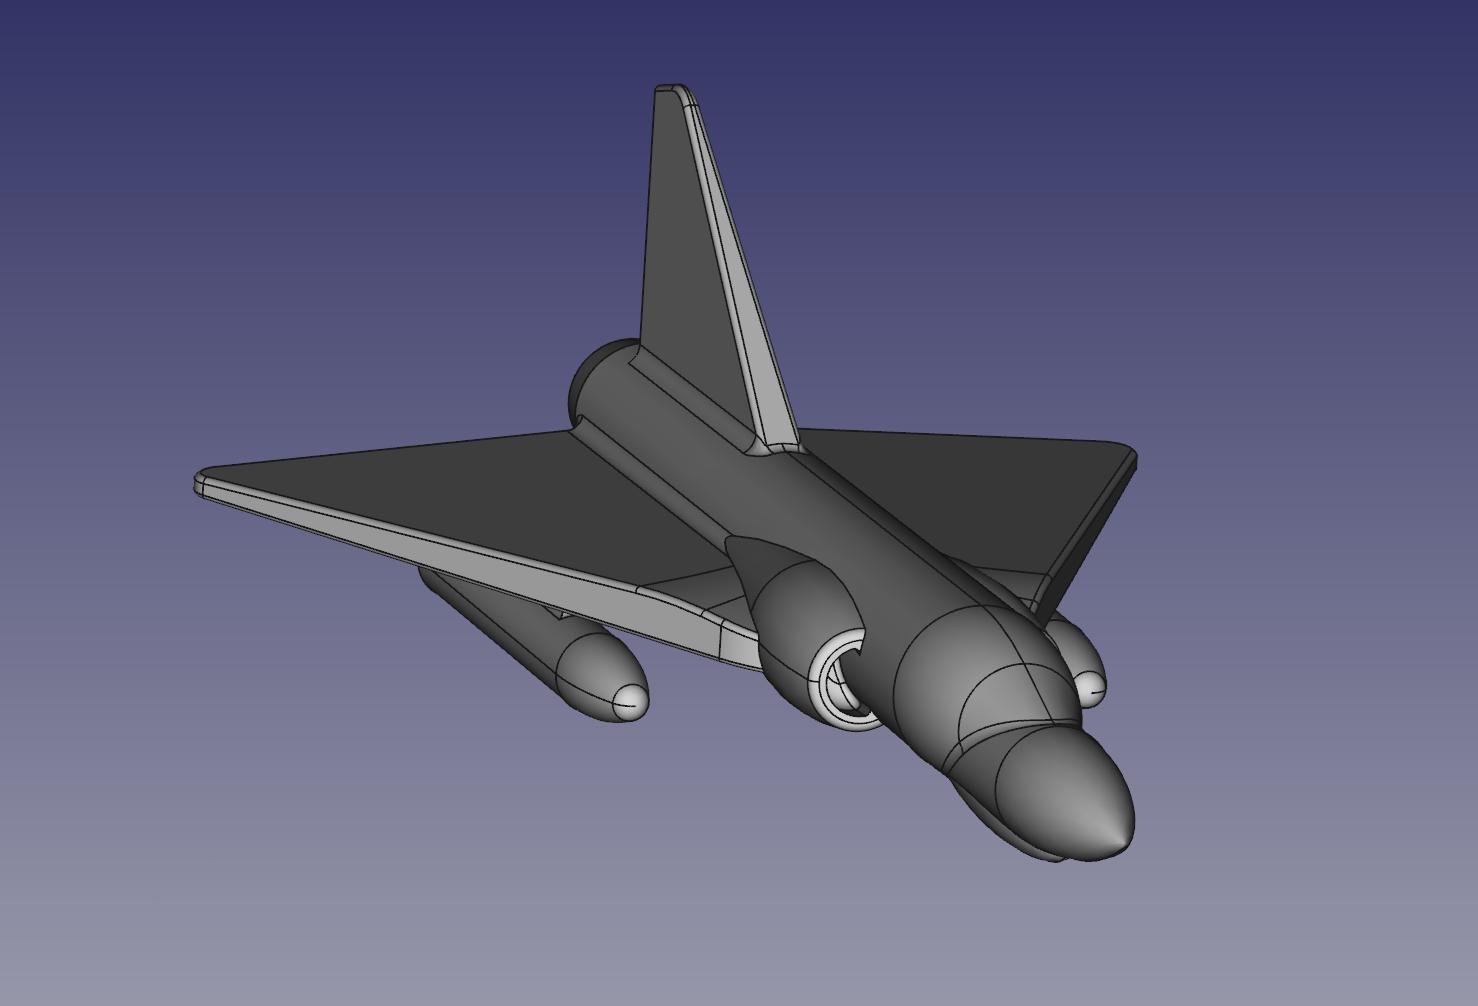 freecad.png Télécharger fichier STL gratuit Jouet Mirage 2000 • Objet imprimable en 3D, jp_math